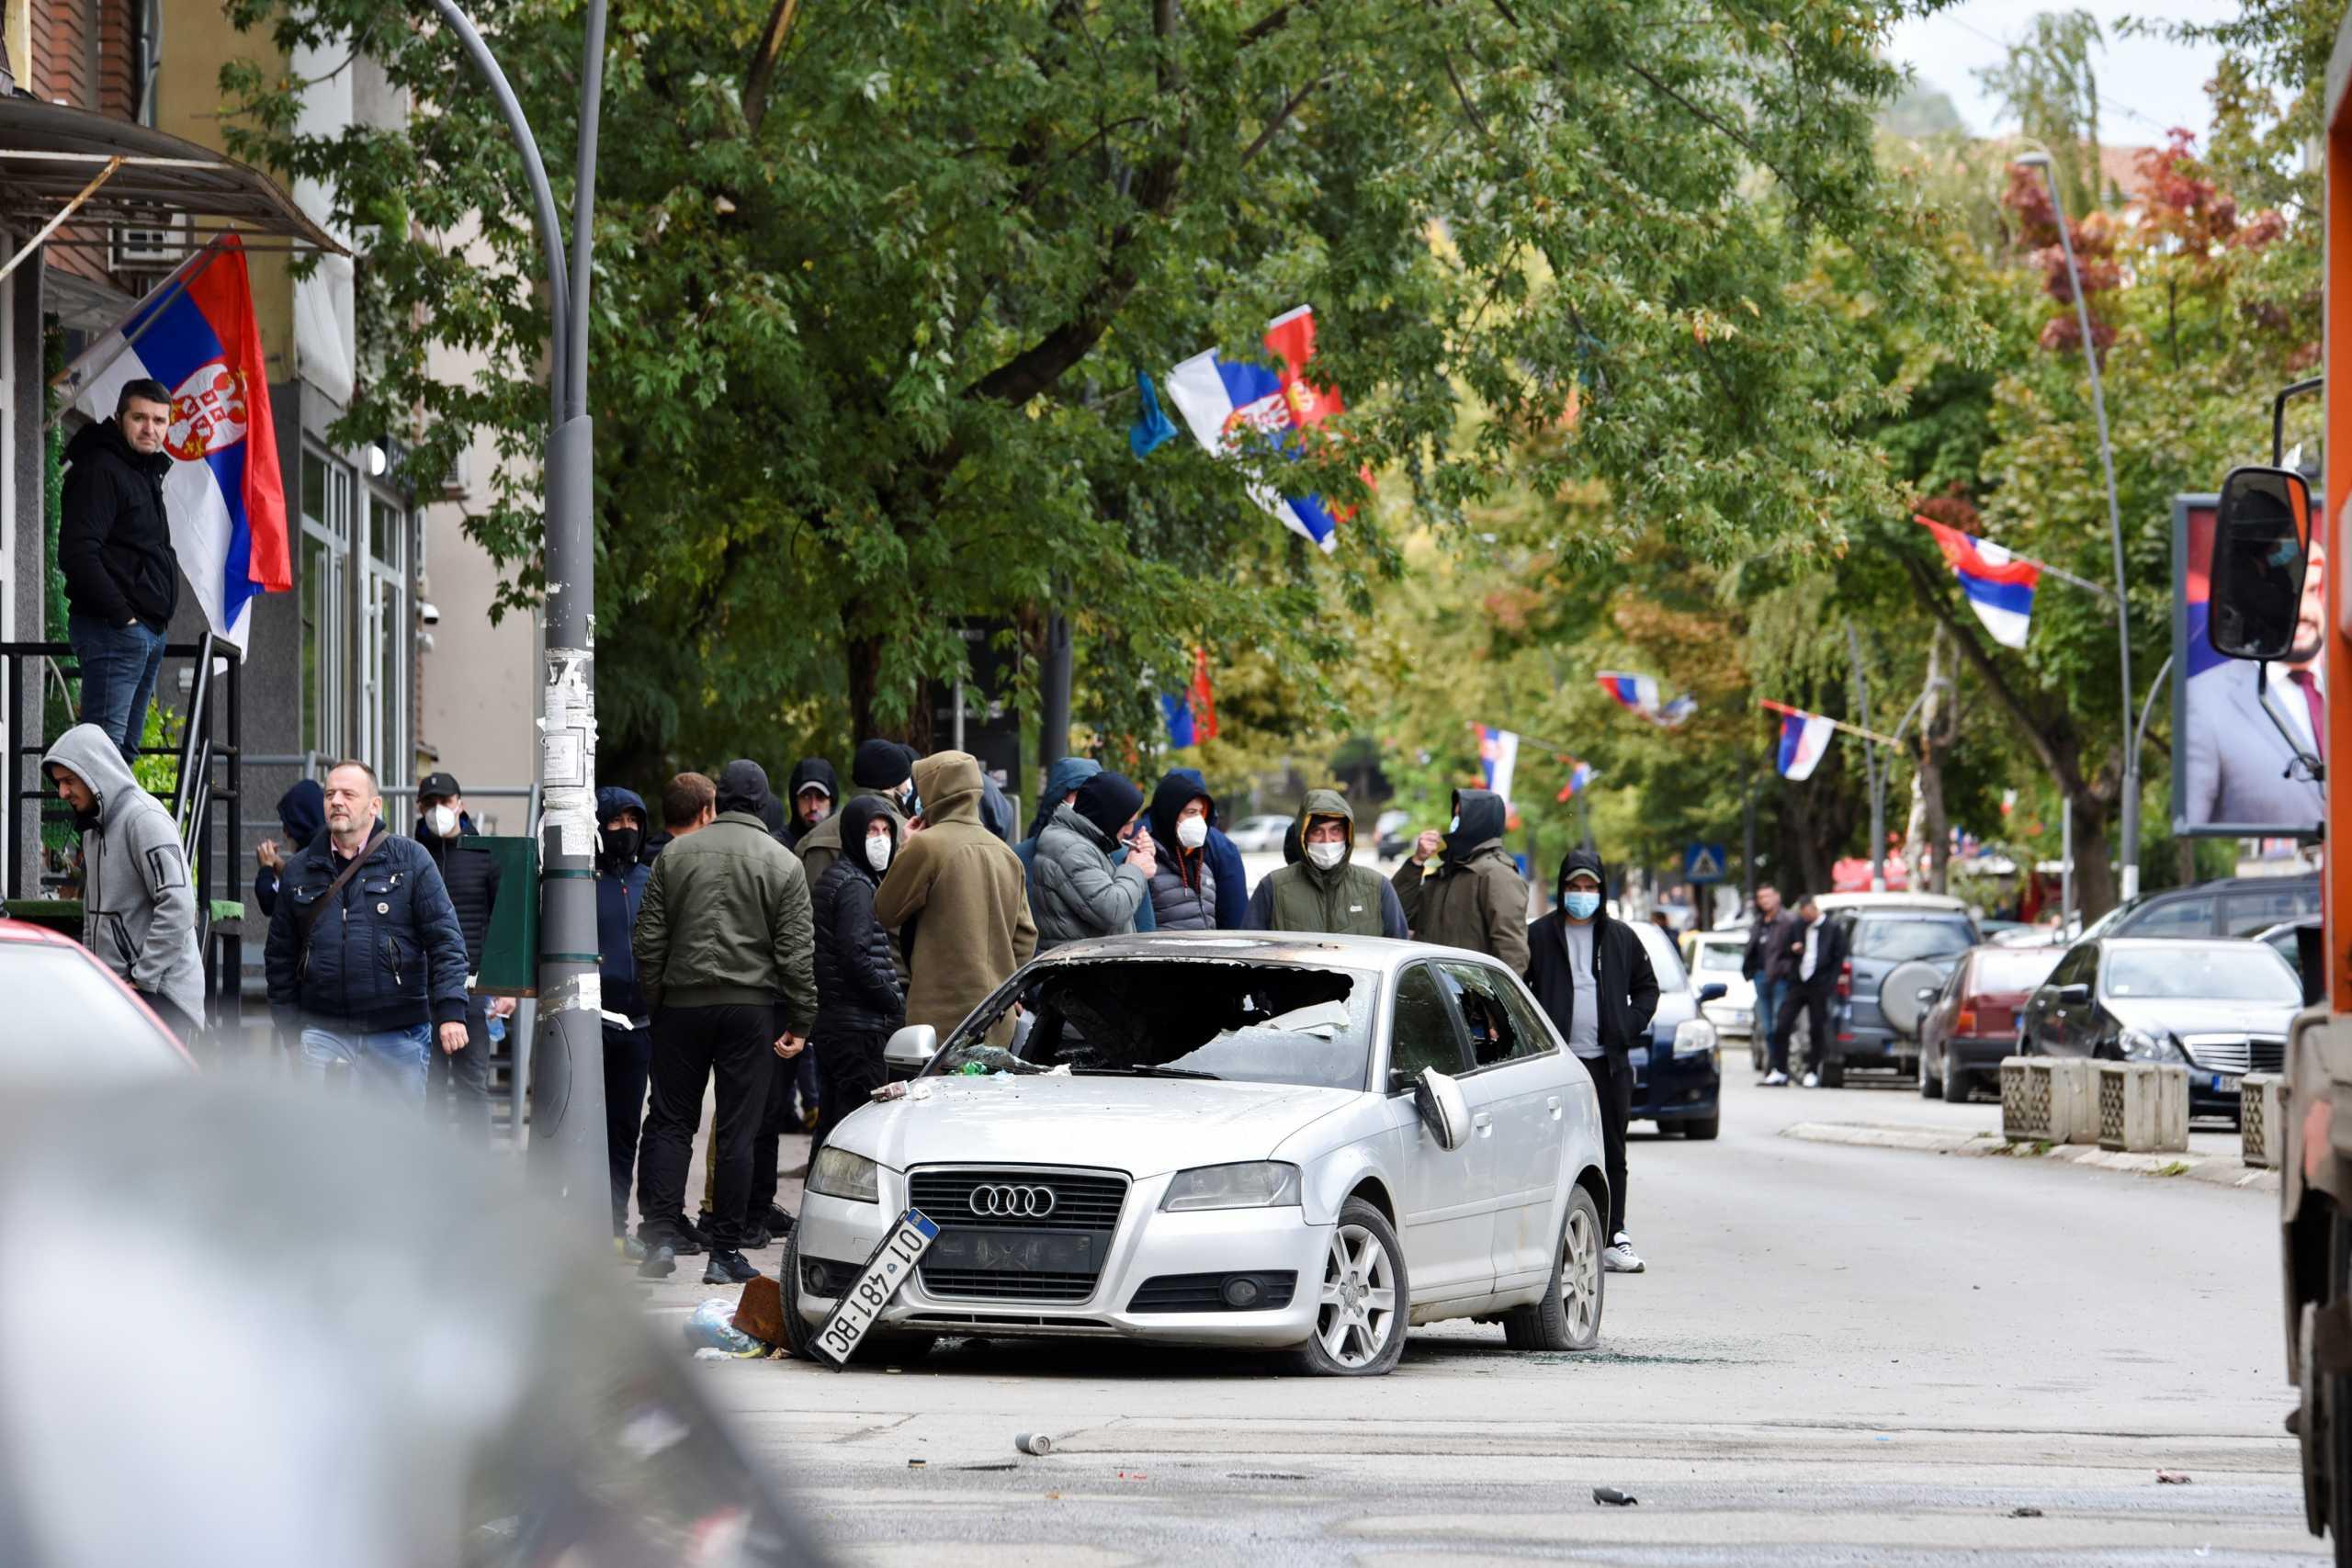 Χάος στα σύνορα Σερβίας – Κοσόβου: Πυροβολισμοί, συγκρούσεις και τραυματίες στην Μιτρόβιτσα